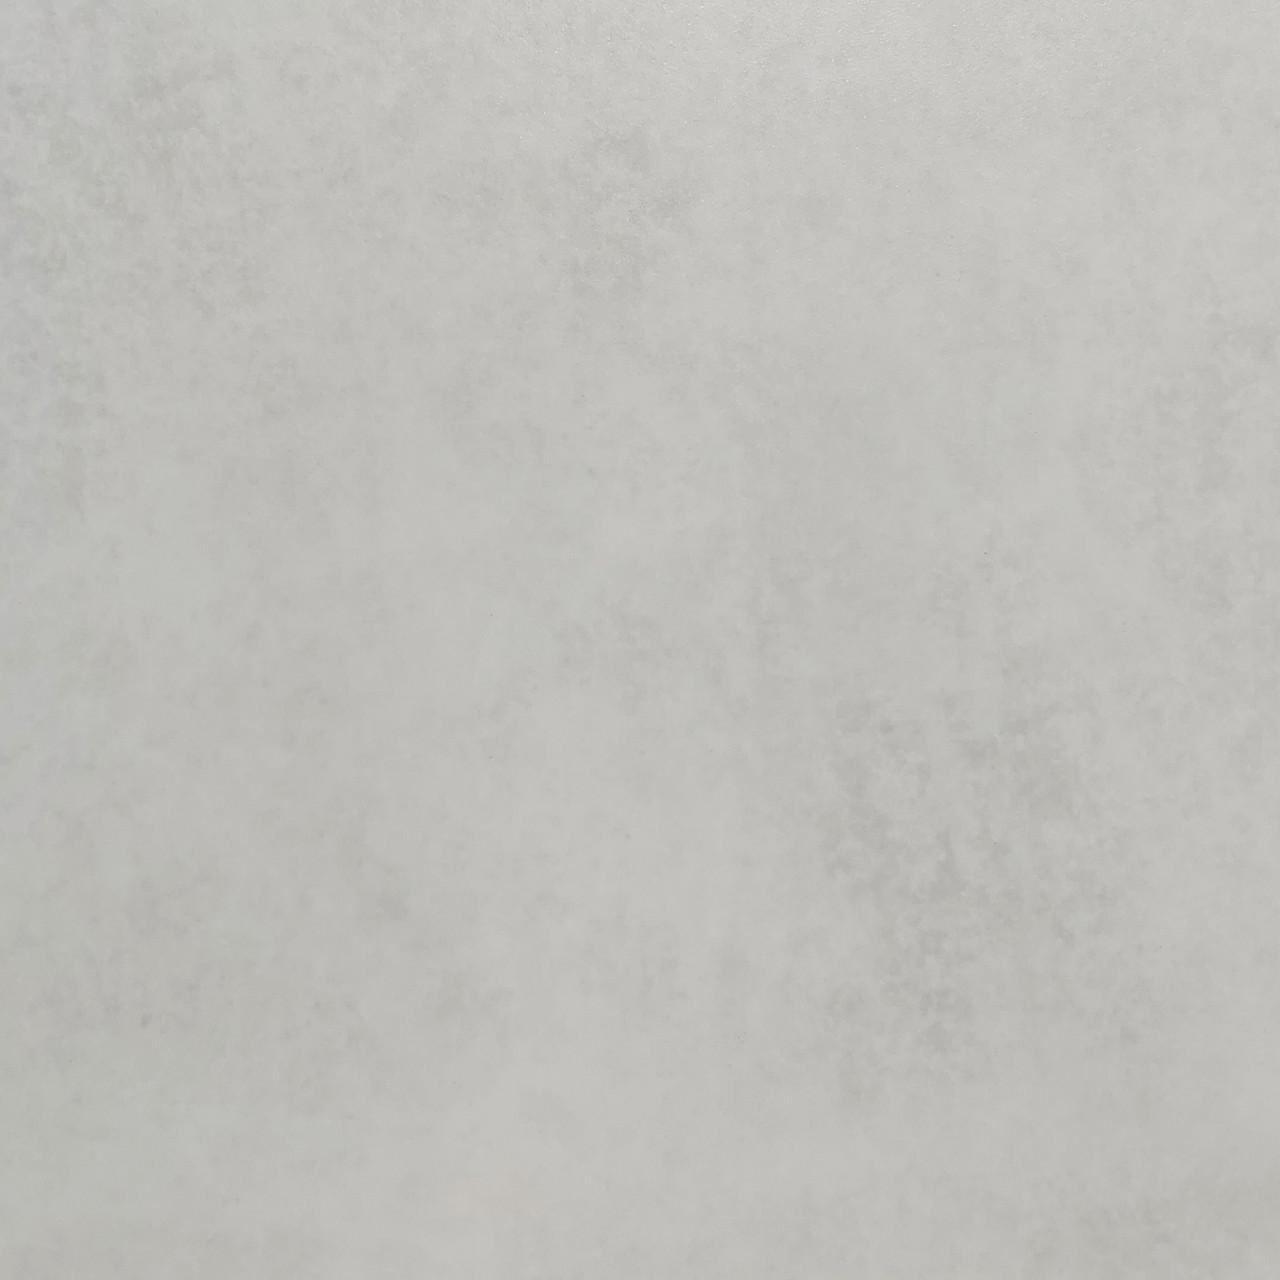 Плитка для пола ГРЕС 480x480 Todes GRM сорт S